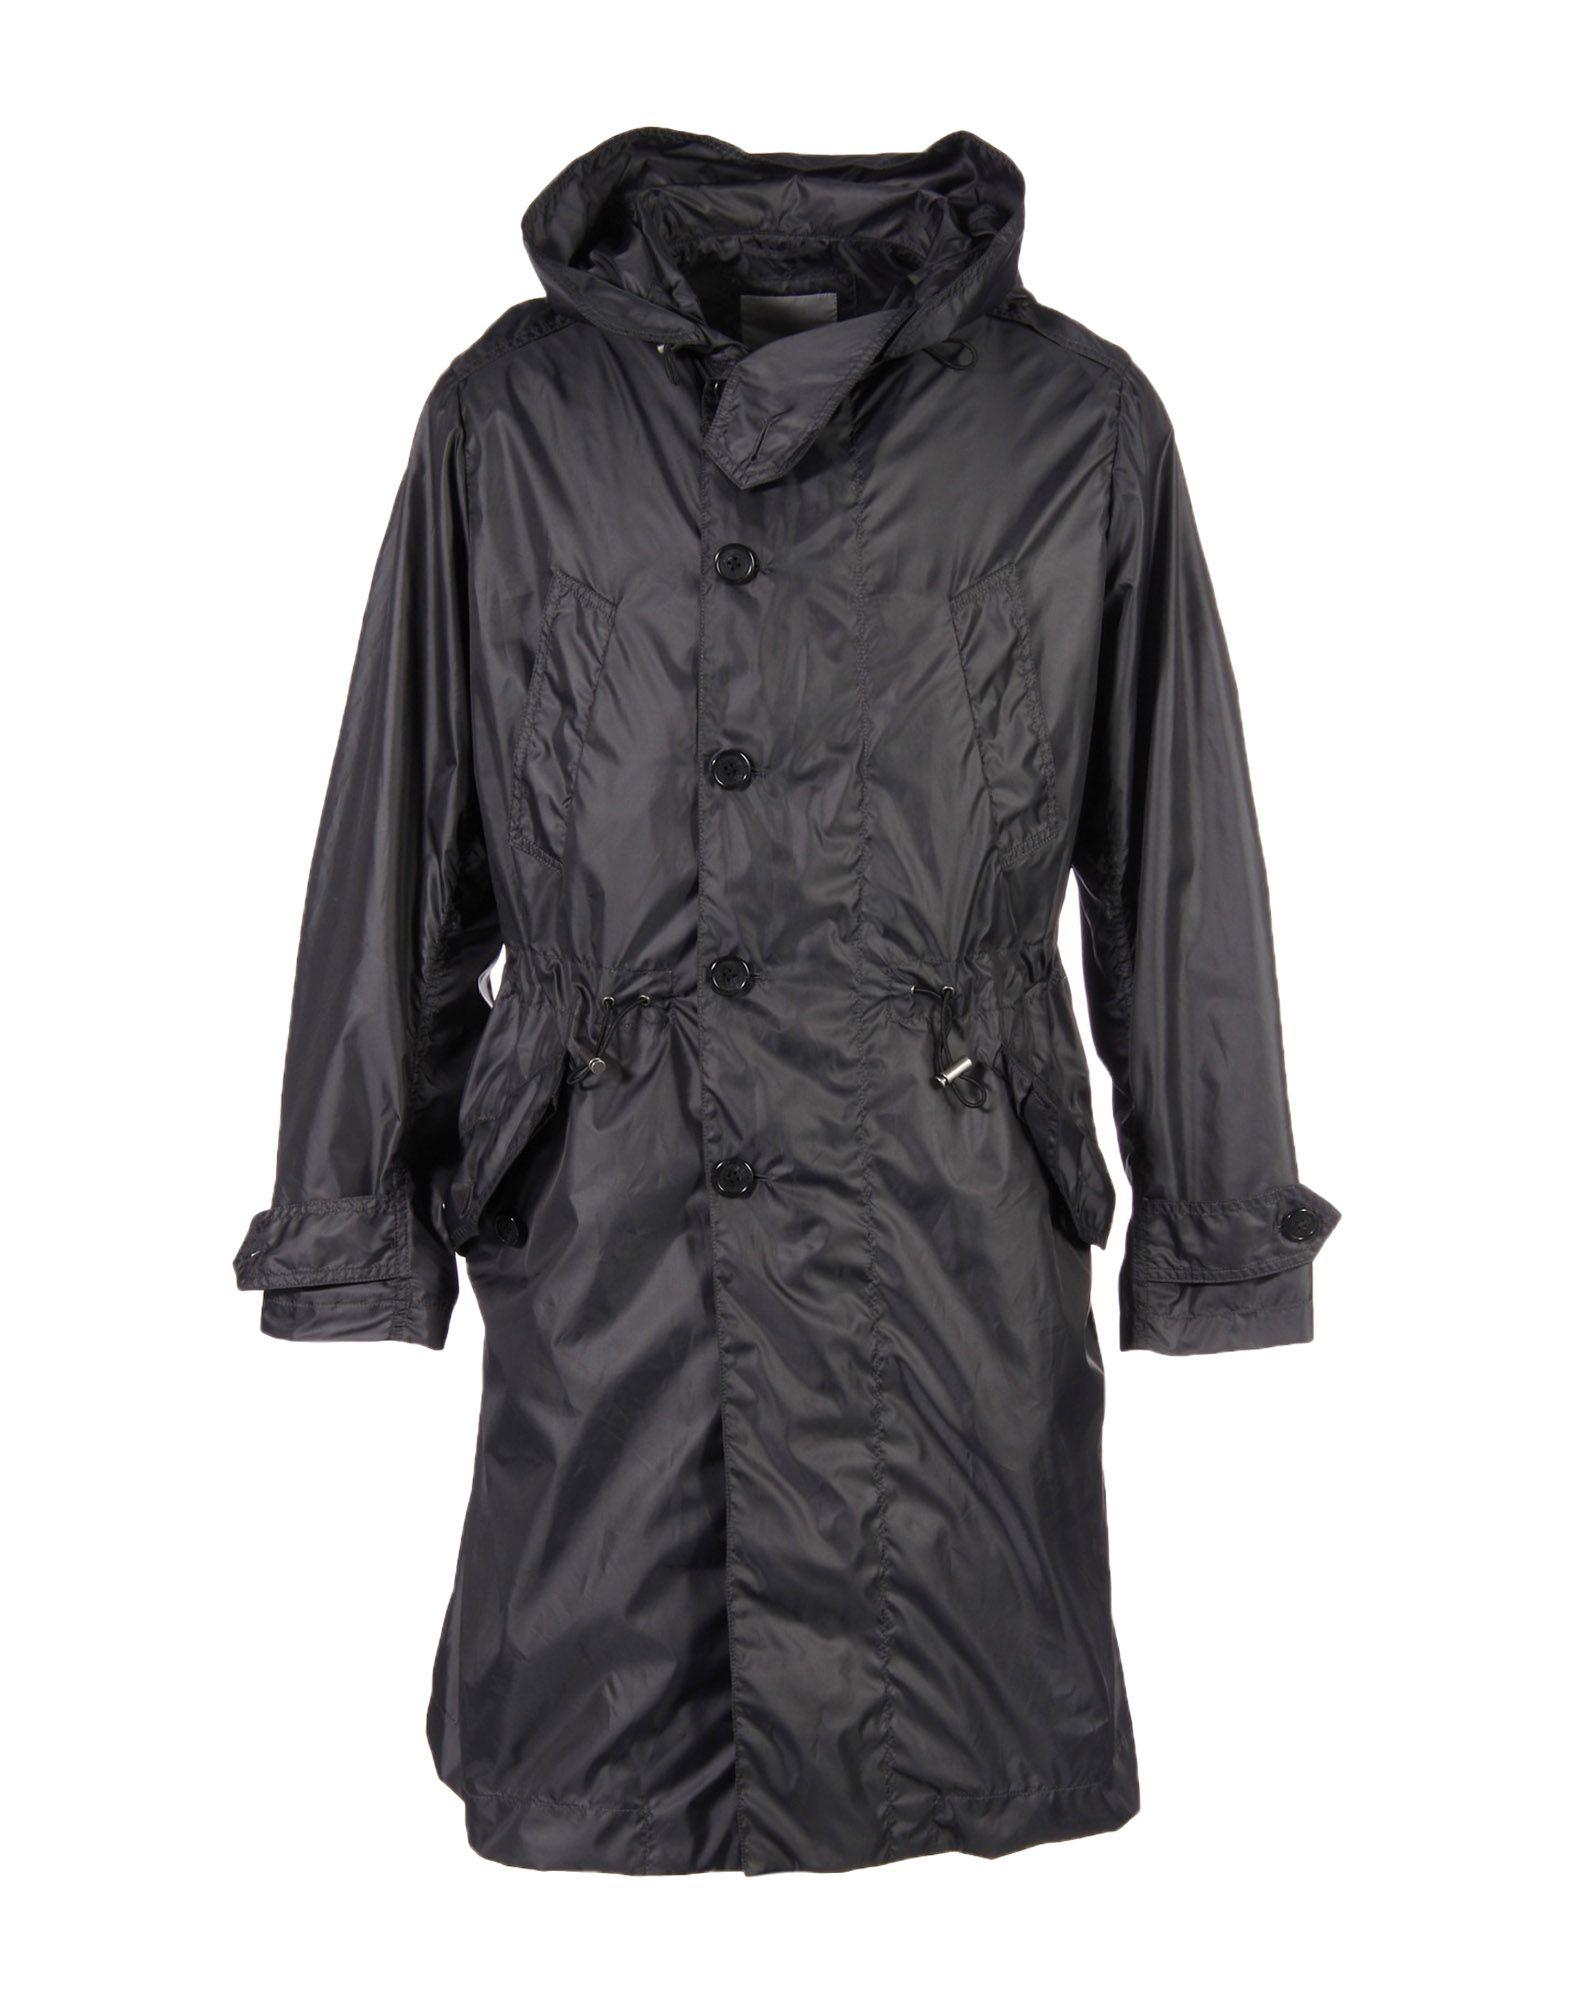 CADET Overcoats in Lead